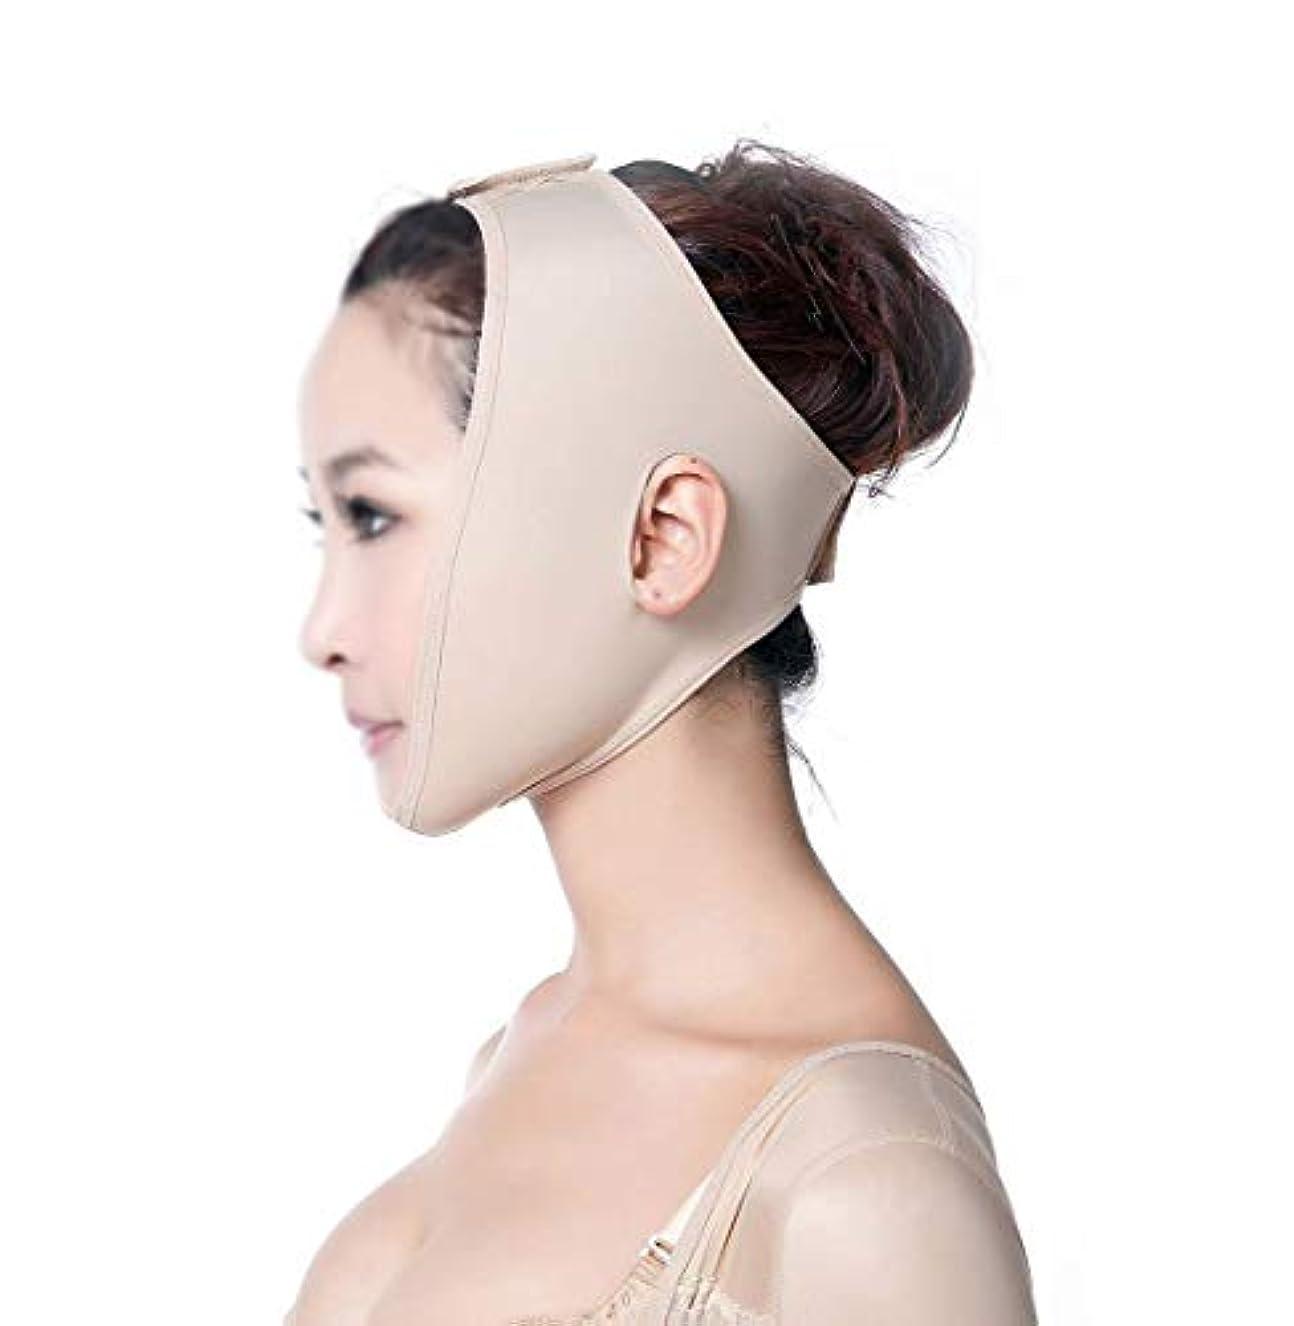 調整可能出費便益フェイスリフトマスクフェイスアンドネックリフトポストエラスティックスリーブ下顎骨セットフェイスアーティファクトVフェイスフェイシャルフェイスバンドルダブルチンマスク(サイズ:L)